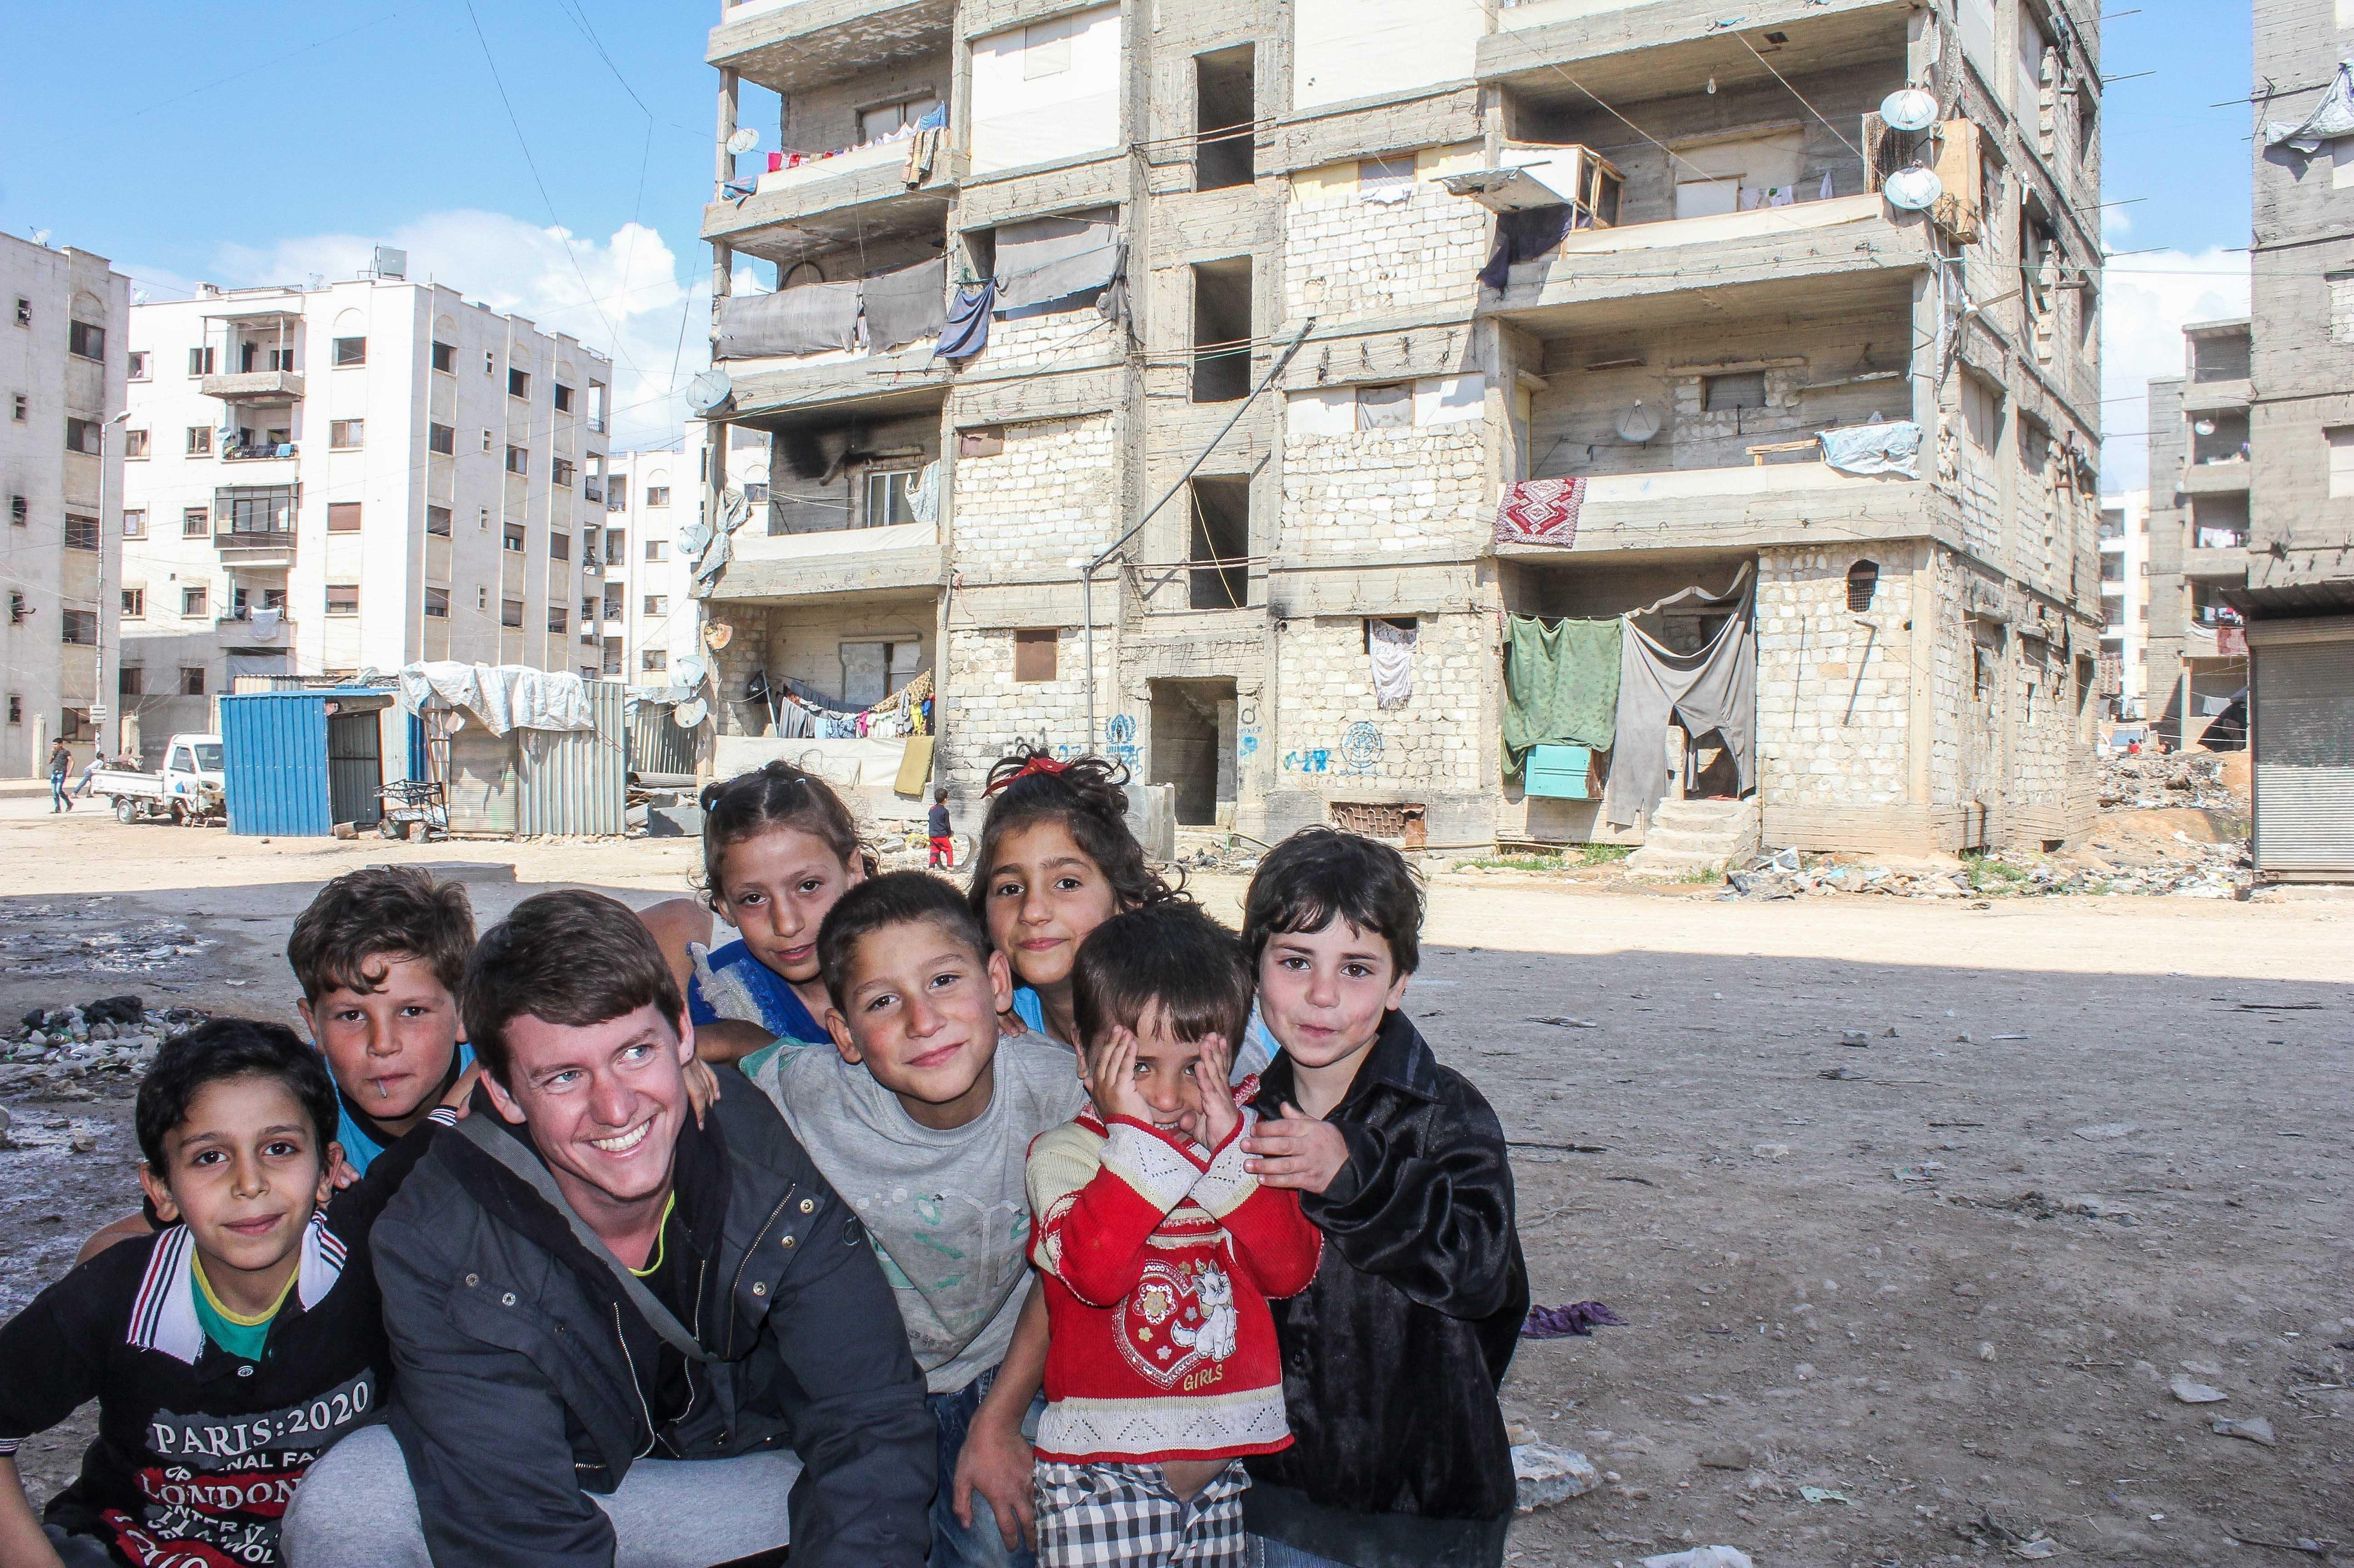 Des enfants dans un quartier en ruines d'Alep